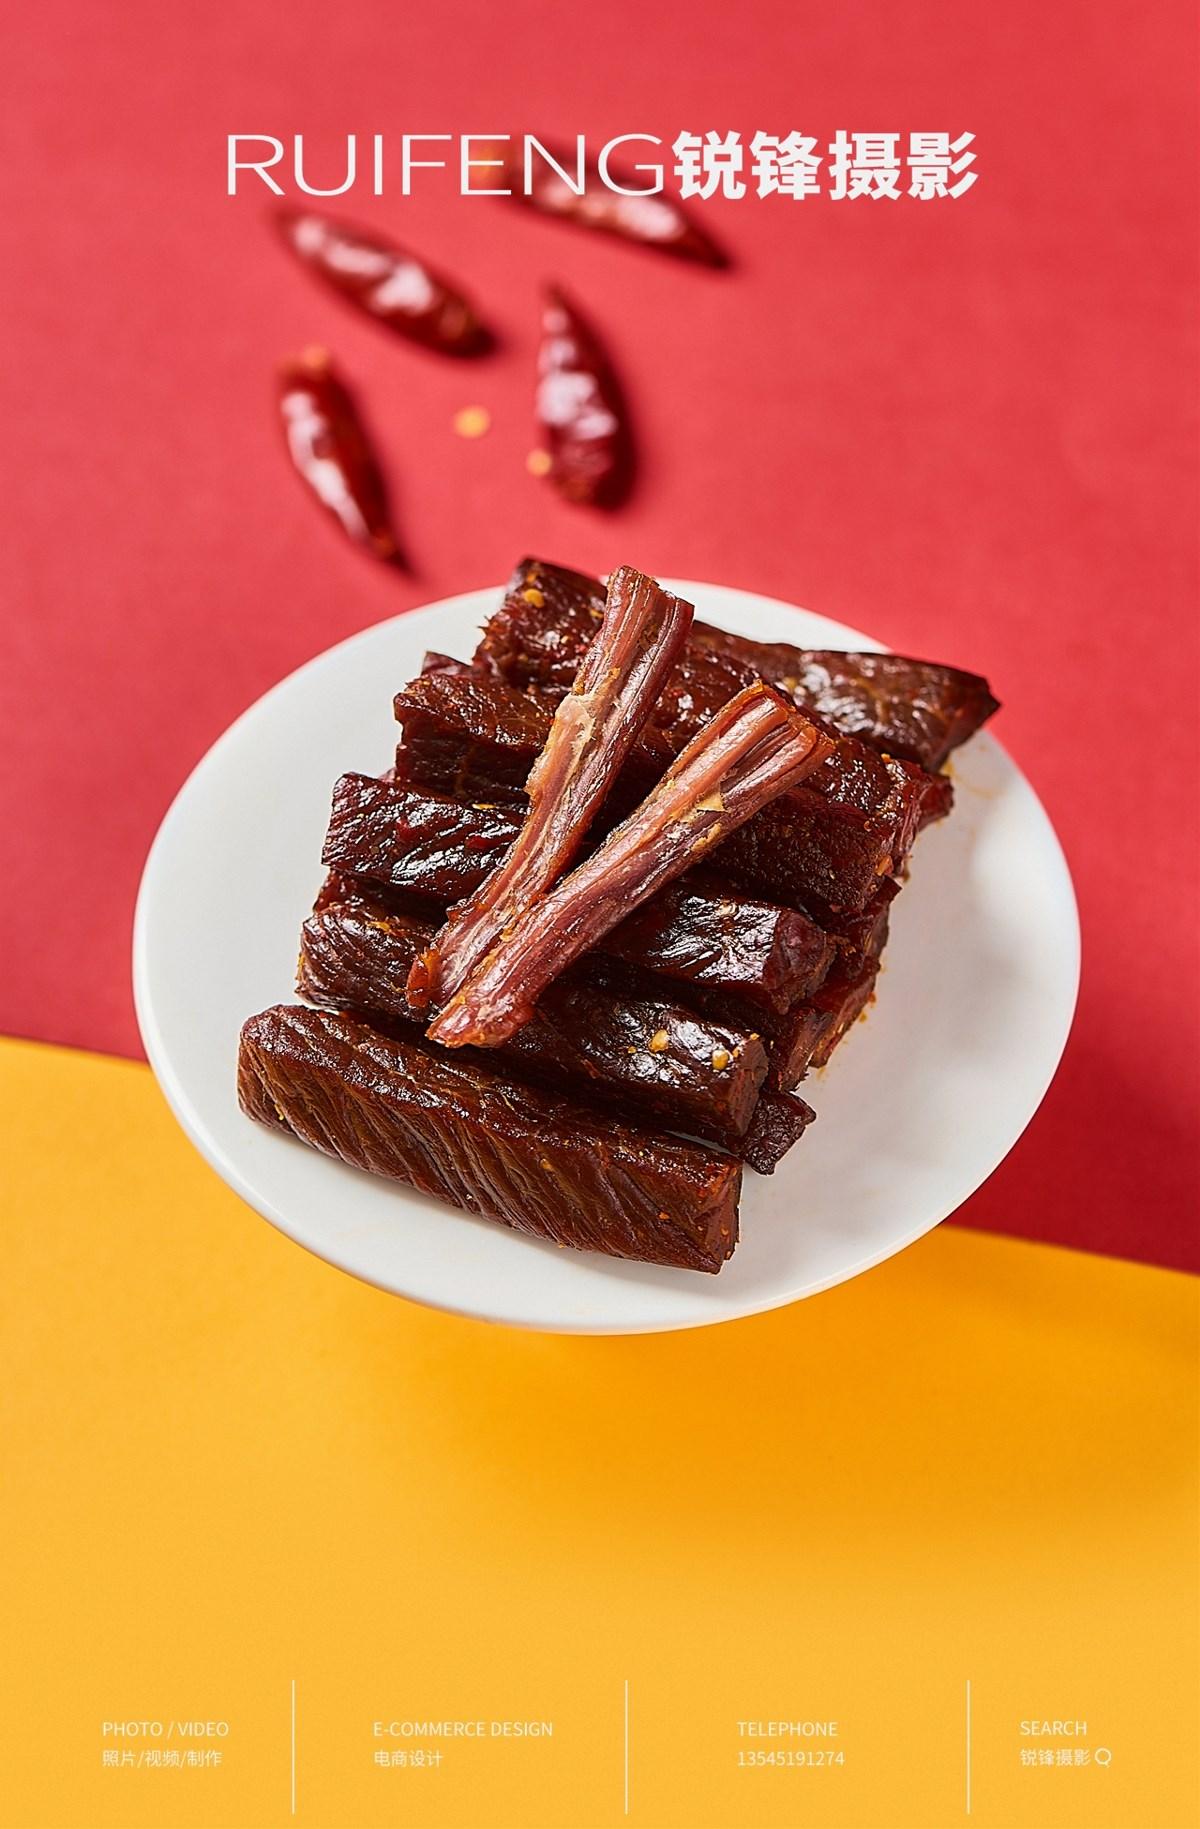 武汉零食摄影|牛肉干拍摄|手撕牛肉摄影|RUIFENG锐锋摄影